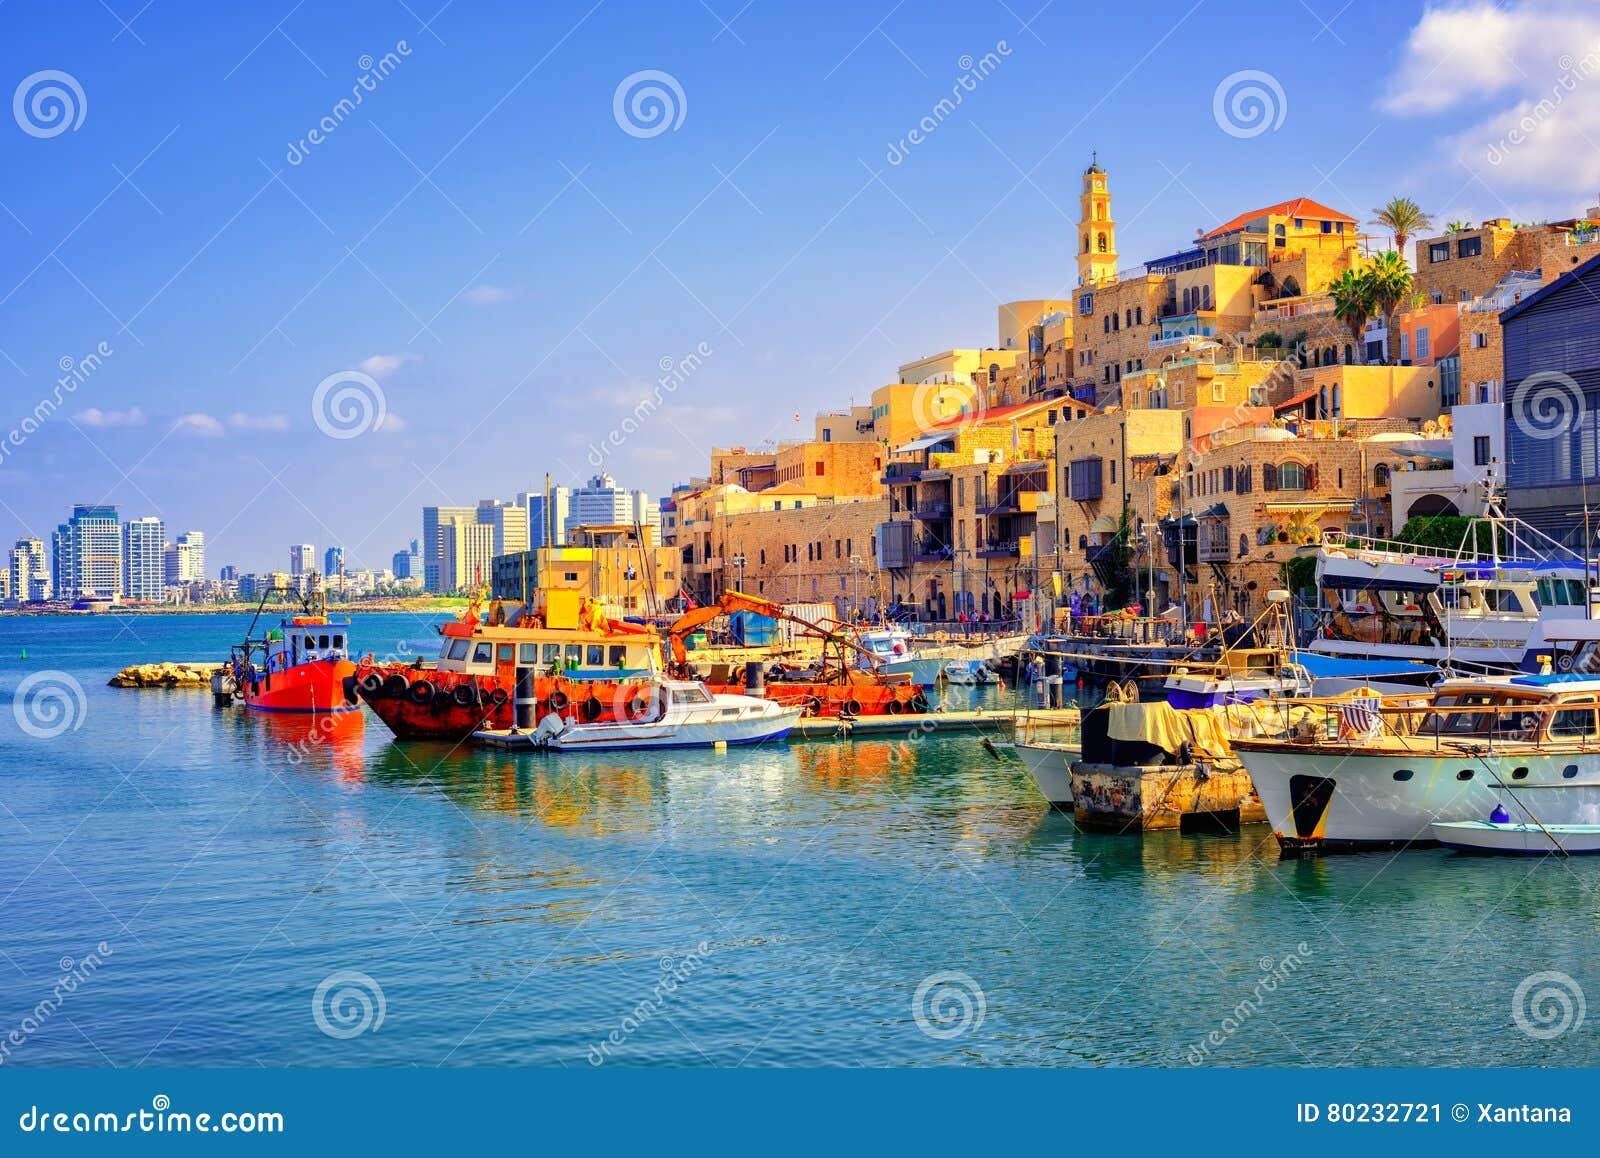 Stary miasteczko i port Jaffa, Tel Aviv miasto, Izrael